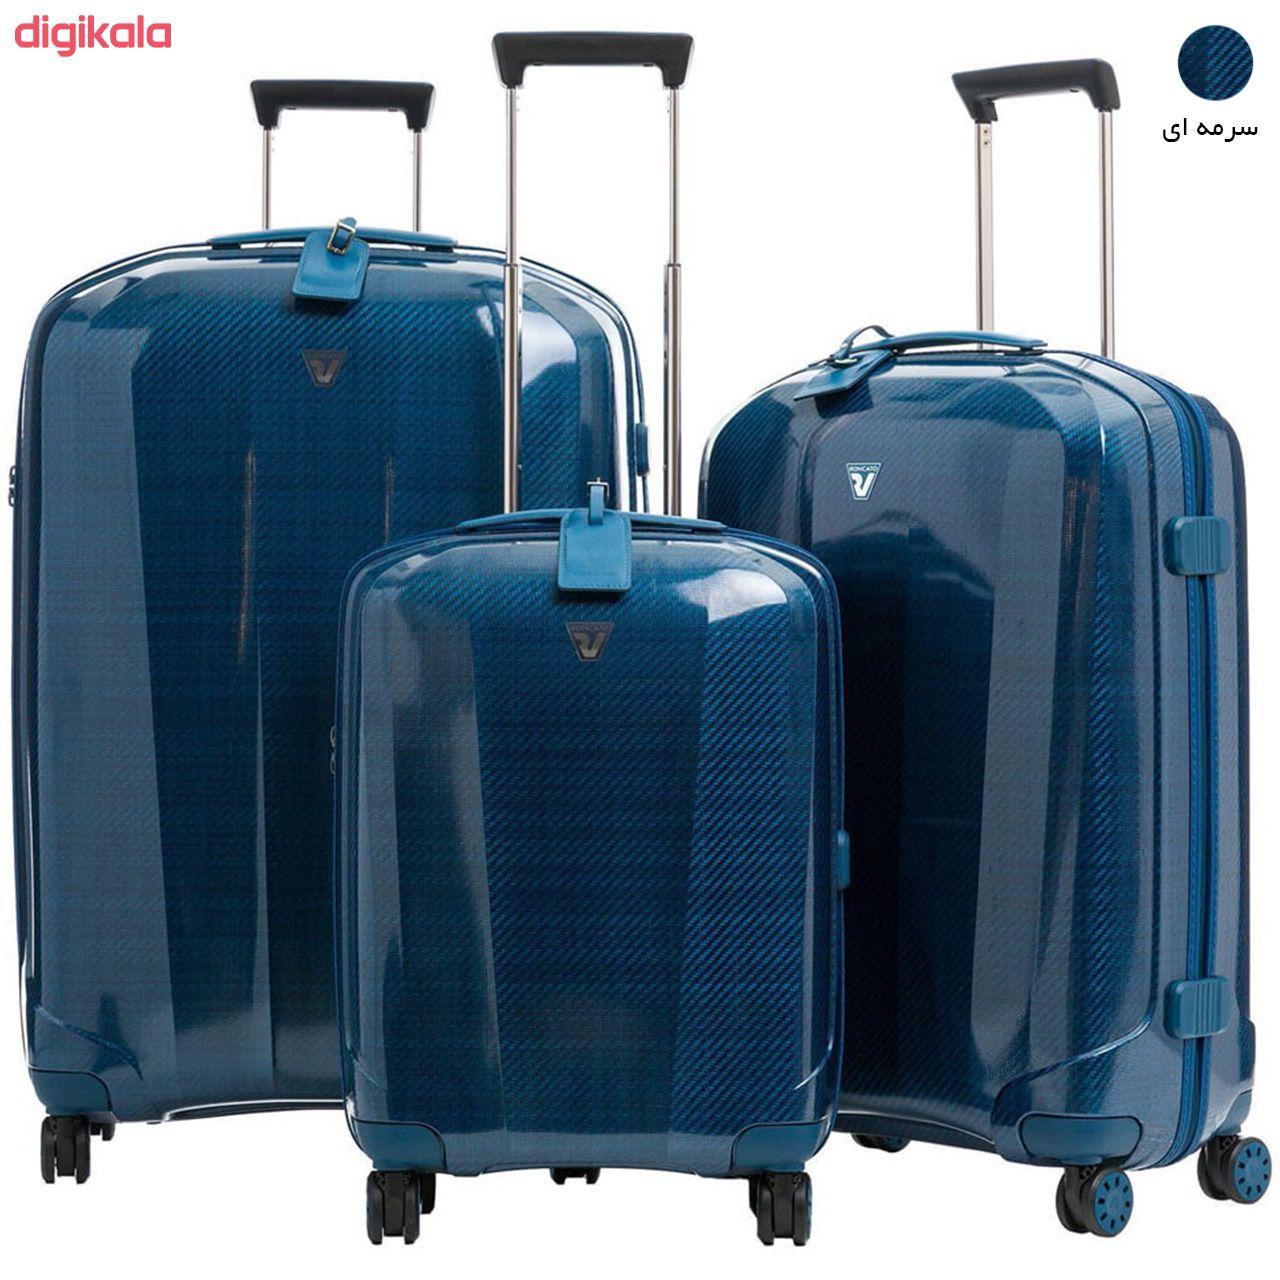 مجموعه سه عددی چمدان رونکاتو مدل 5950 main 1 30